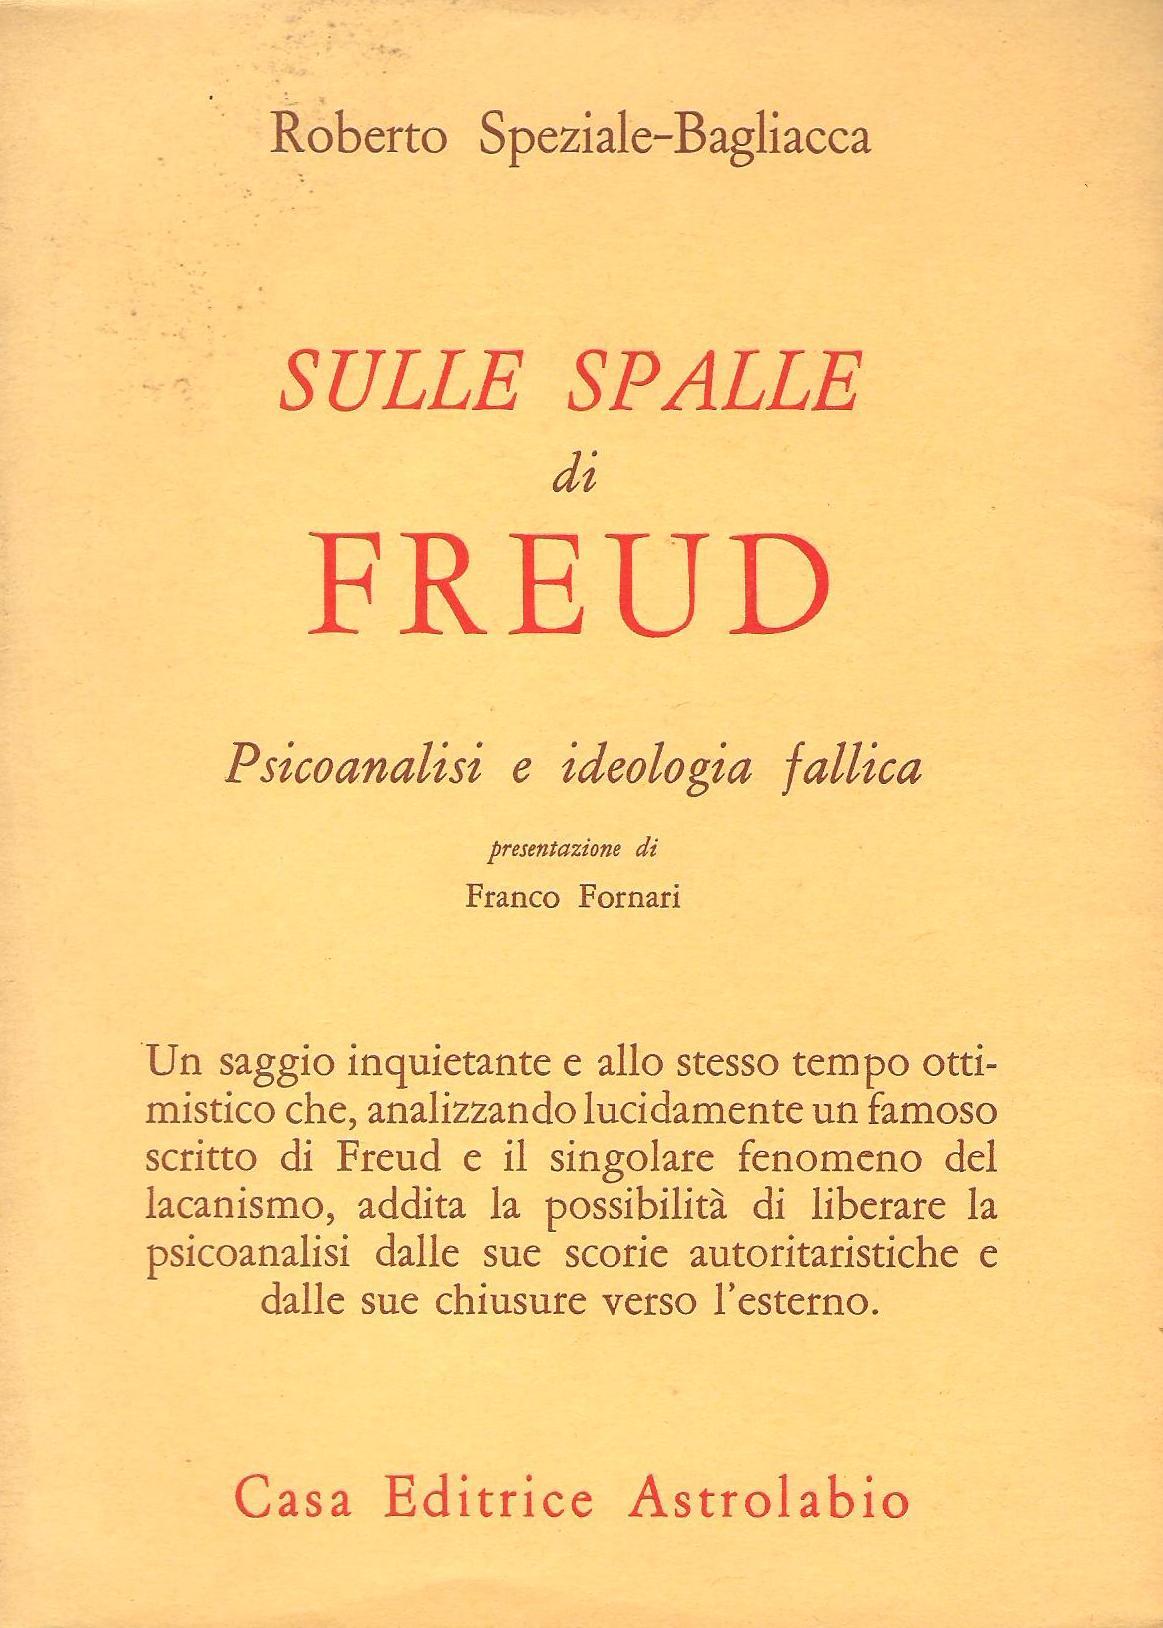 Sulle spalle di Freud